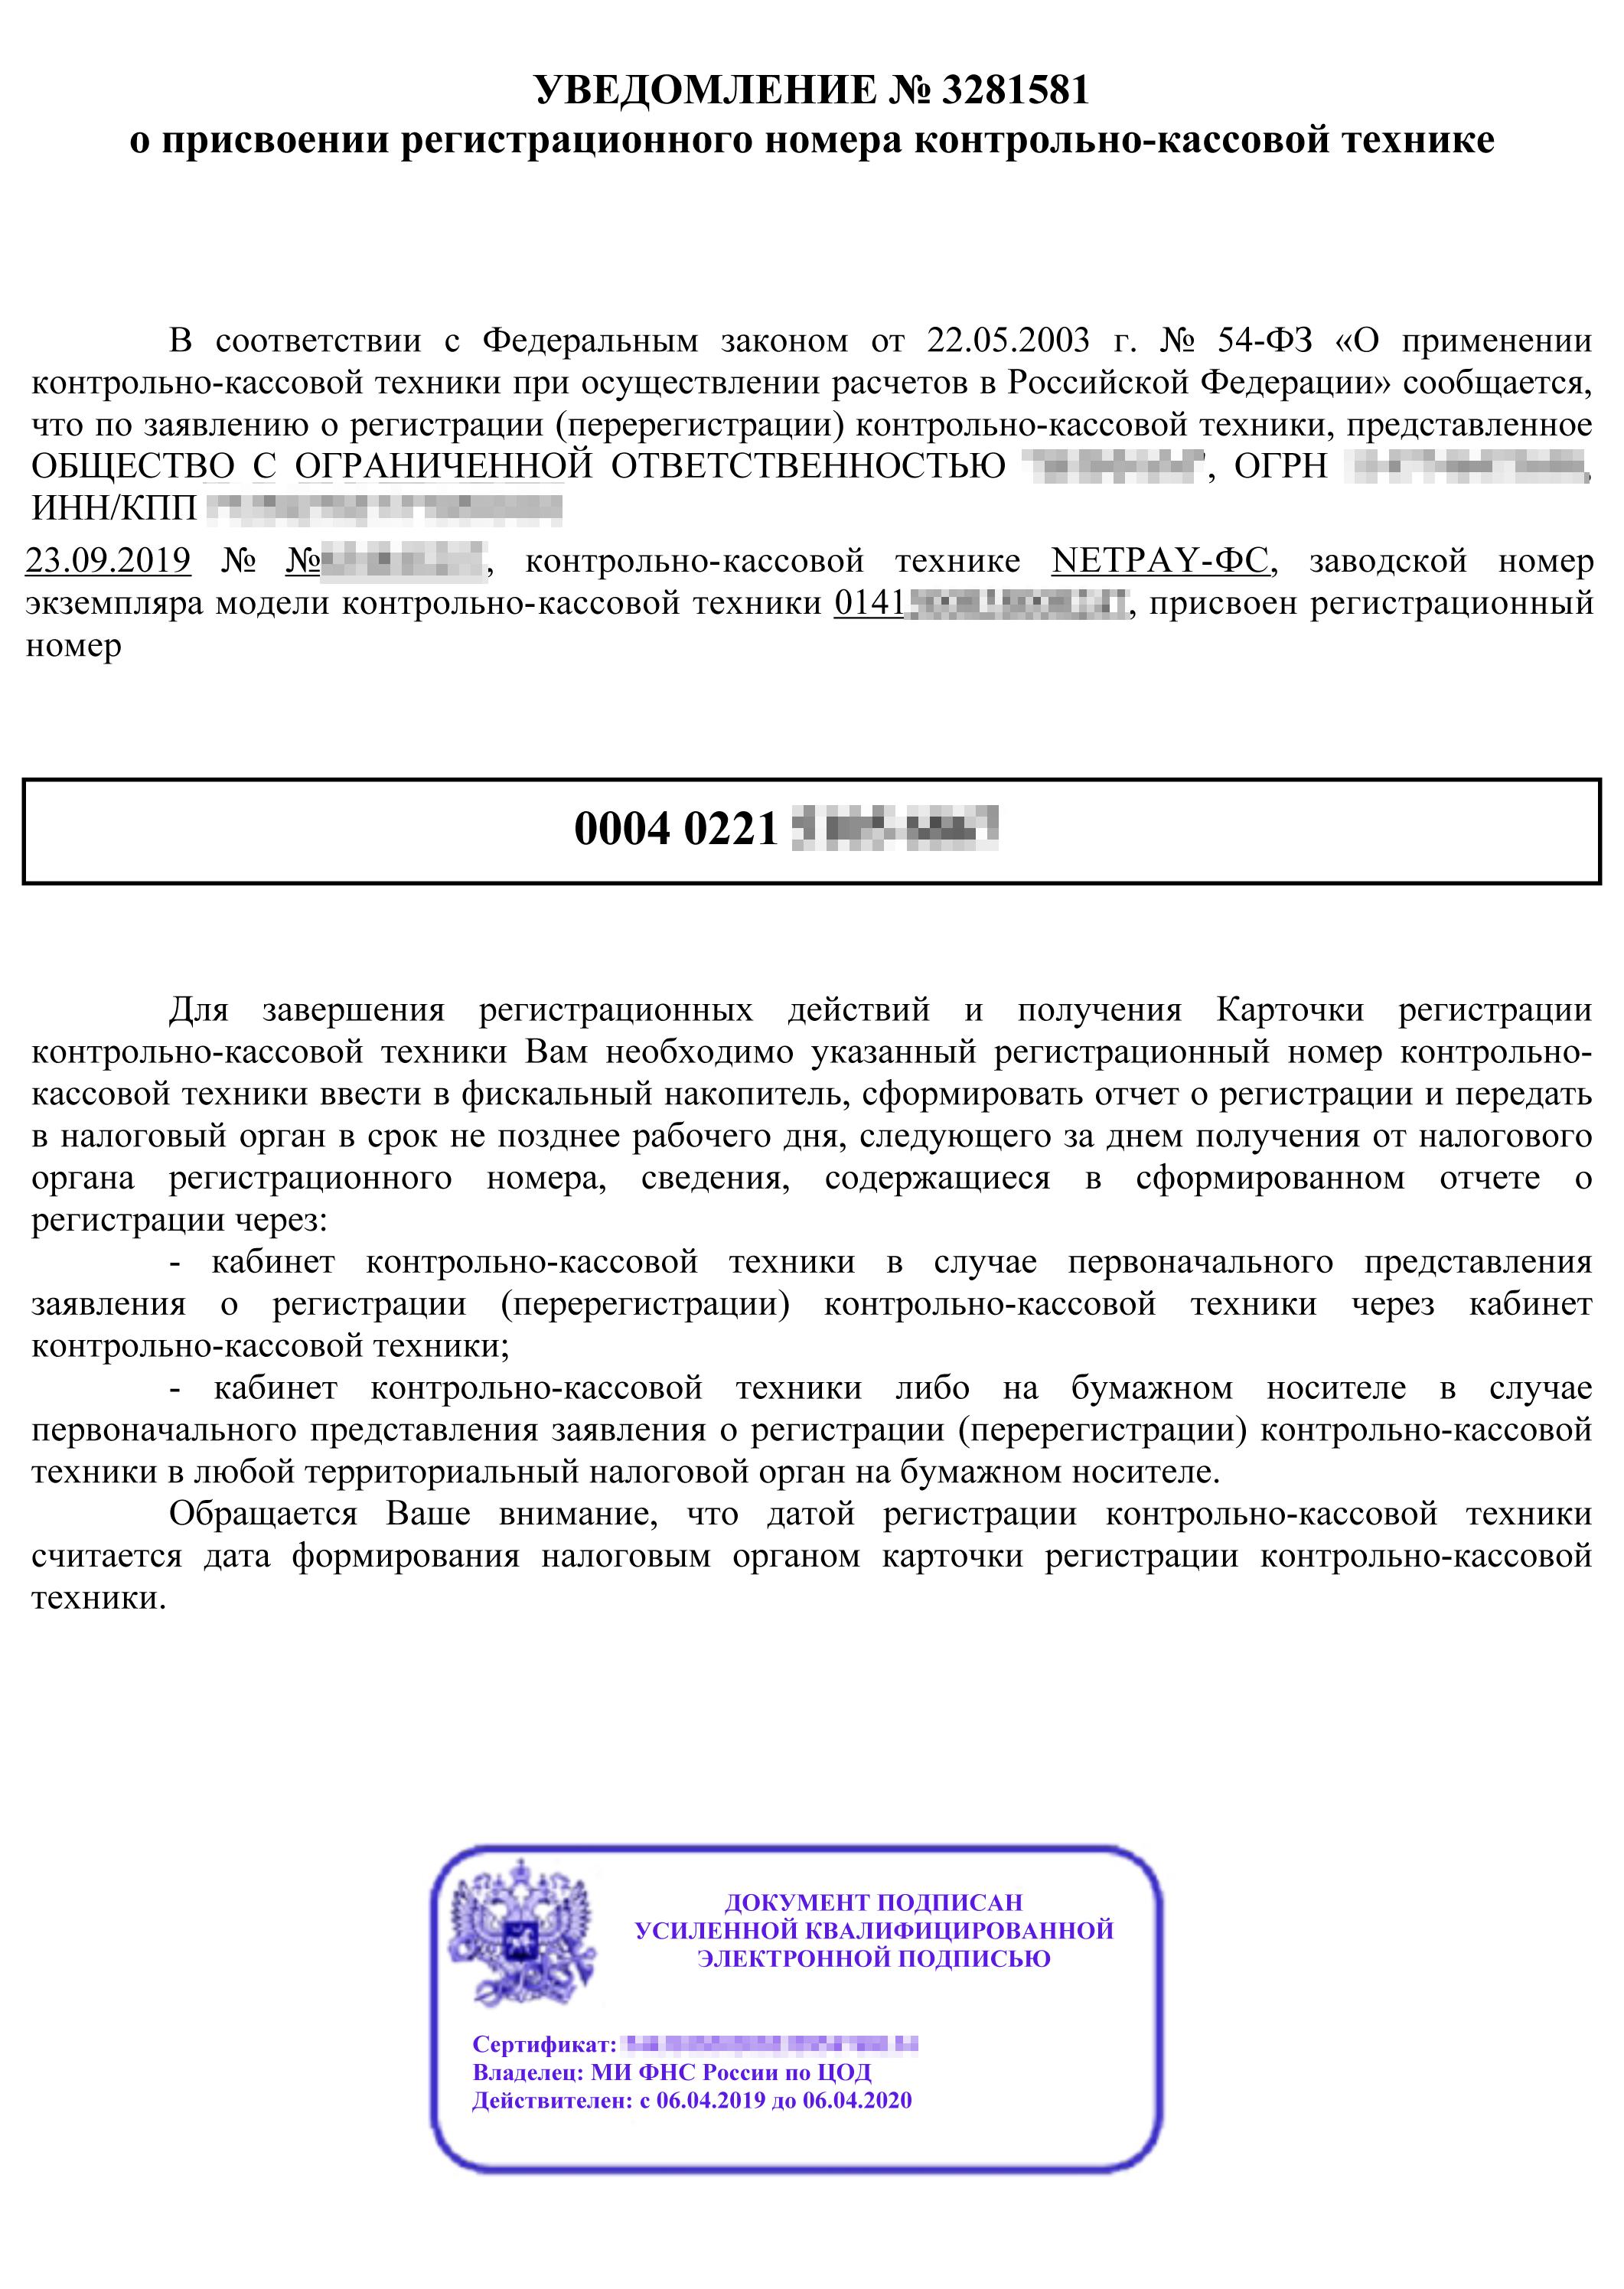 Пример отчета орегистрации ККТ вФНС